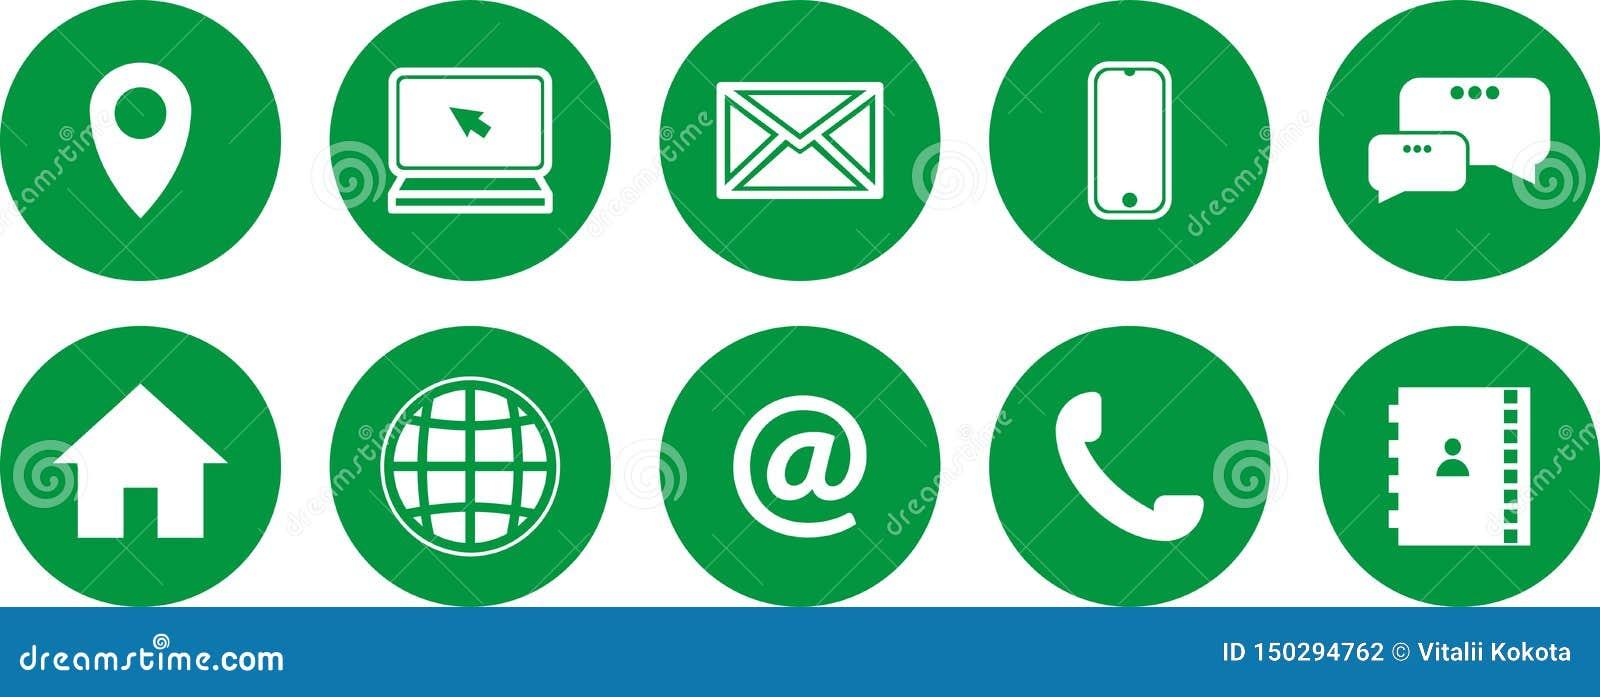 Reeks Groene Pictogrammen Communicatie pictogrammen Contacteer ons pictogrammen